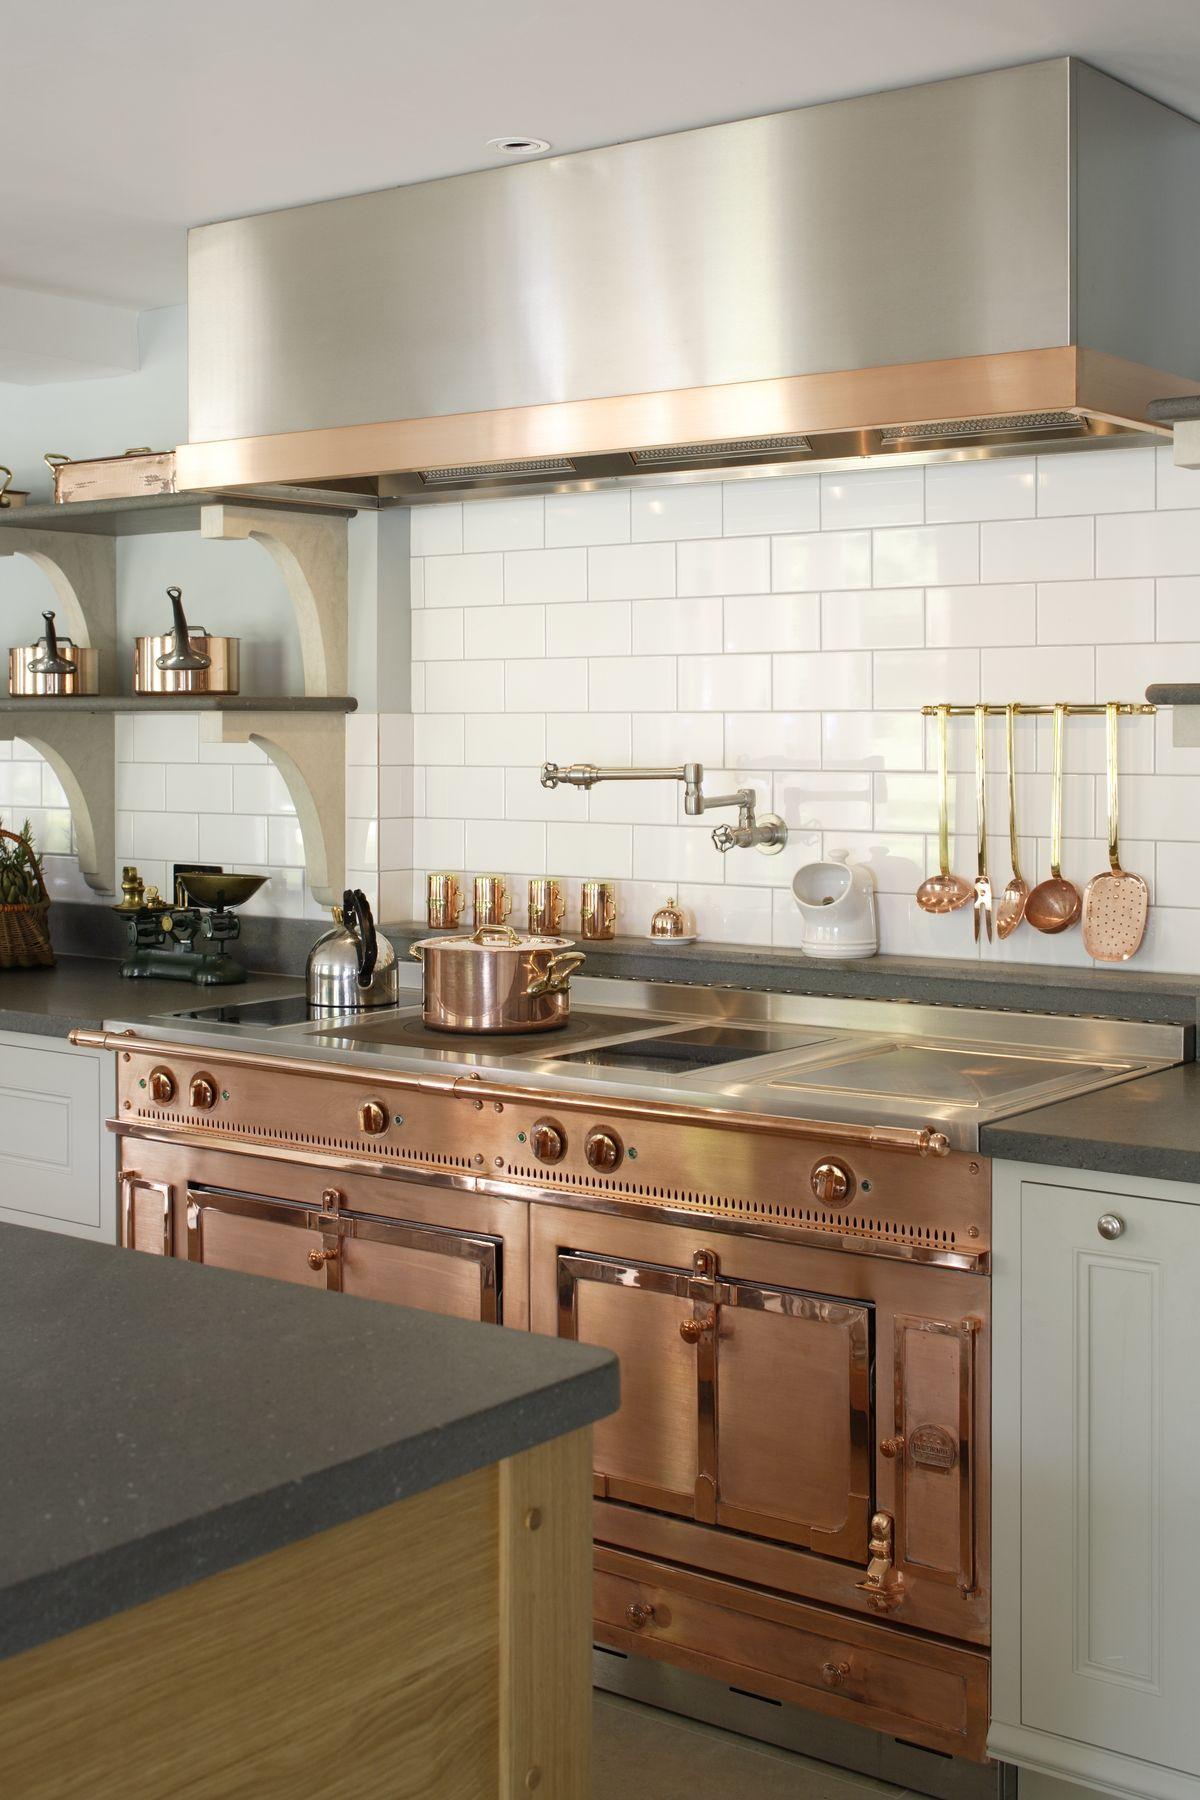 Beautiful Edwardian Style Kitchen by Artichoke | Kitchen Trends ...